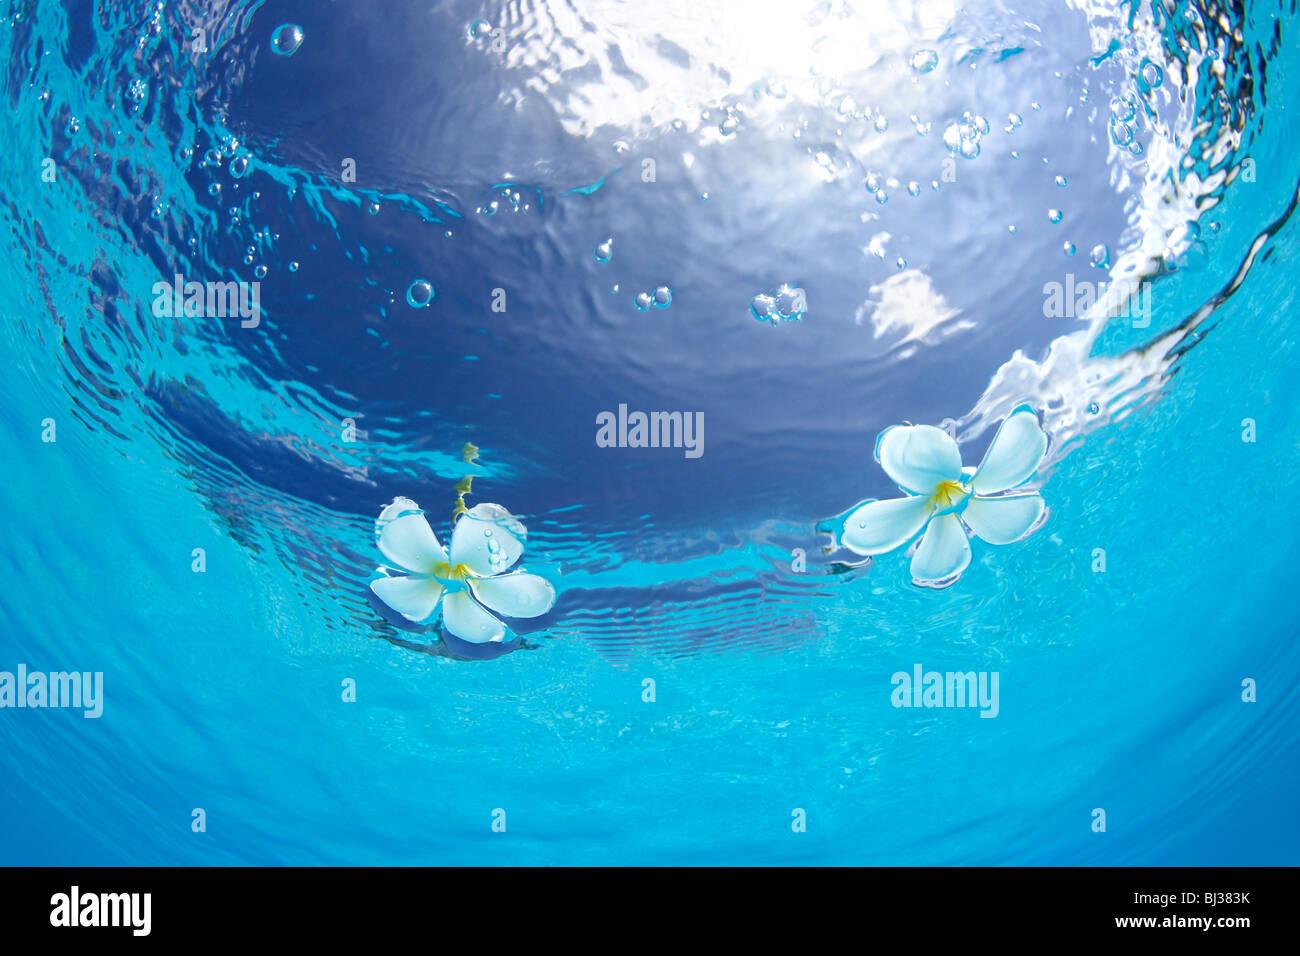 Plumerias galleggianti sull'acqua Immagini Stock